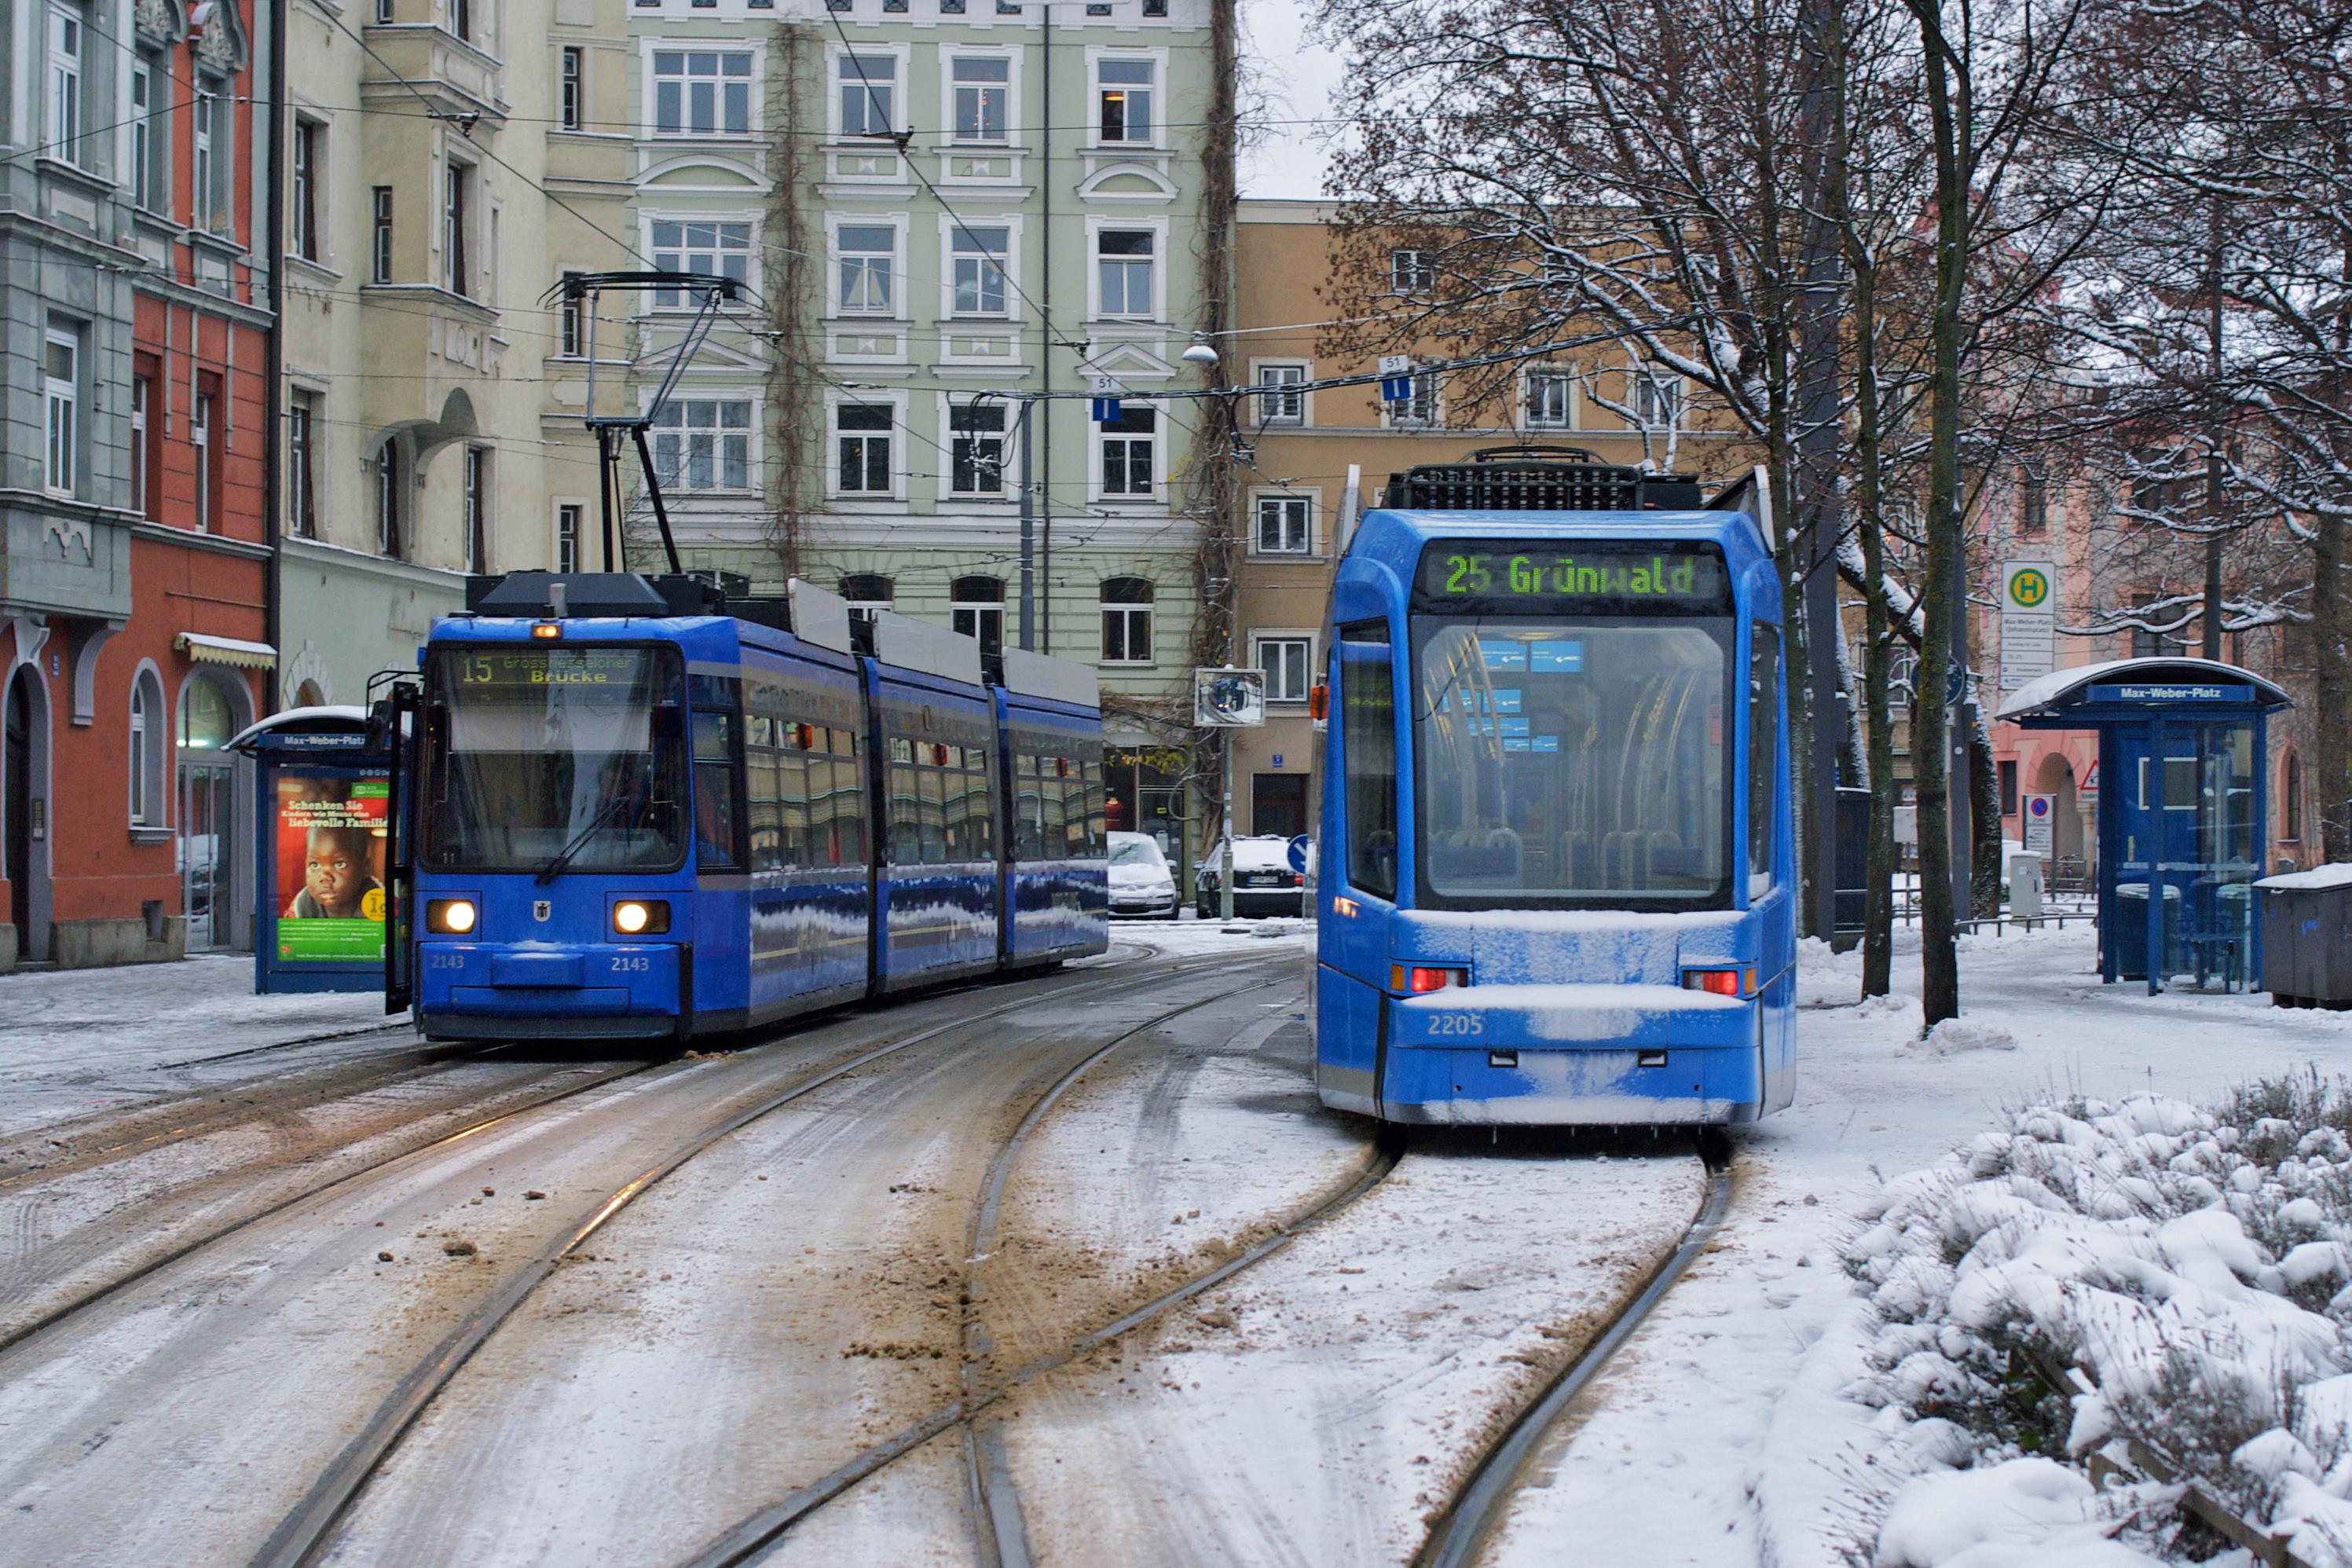 Wagen 2143 und 2205 begegnen sich am Johannisplatz